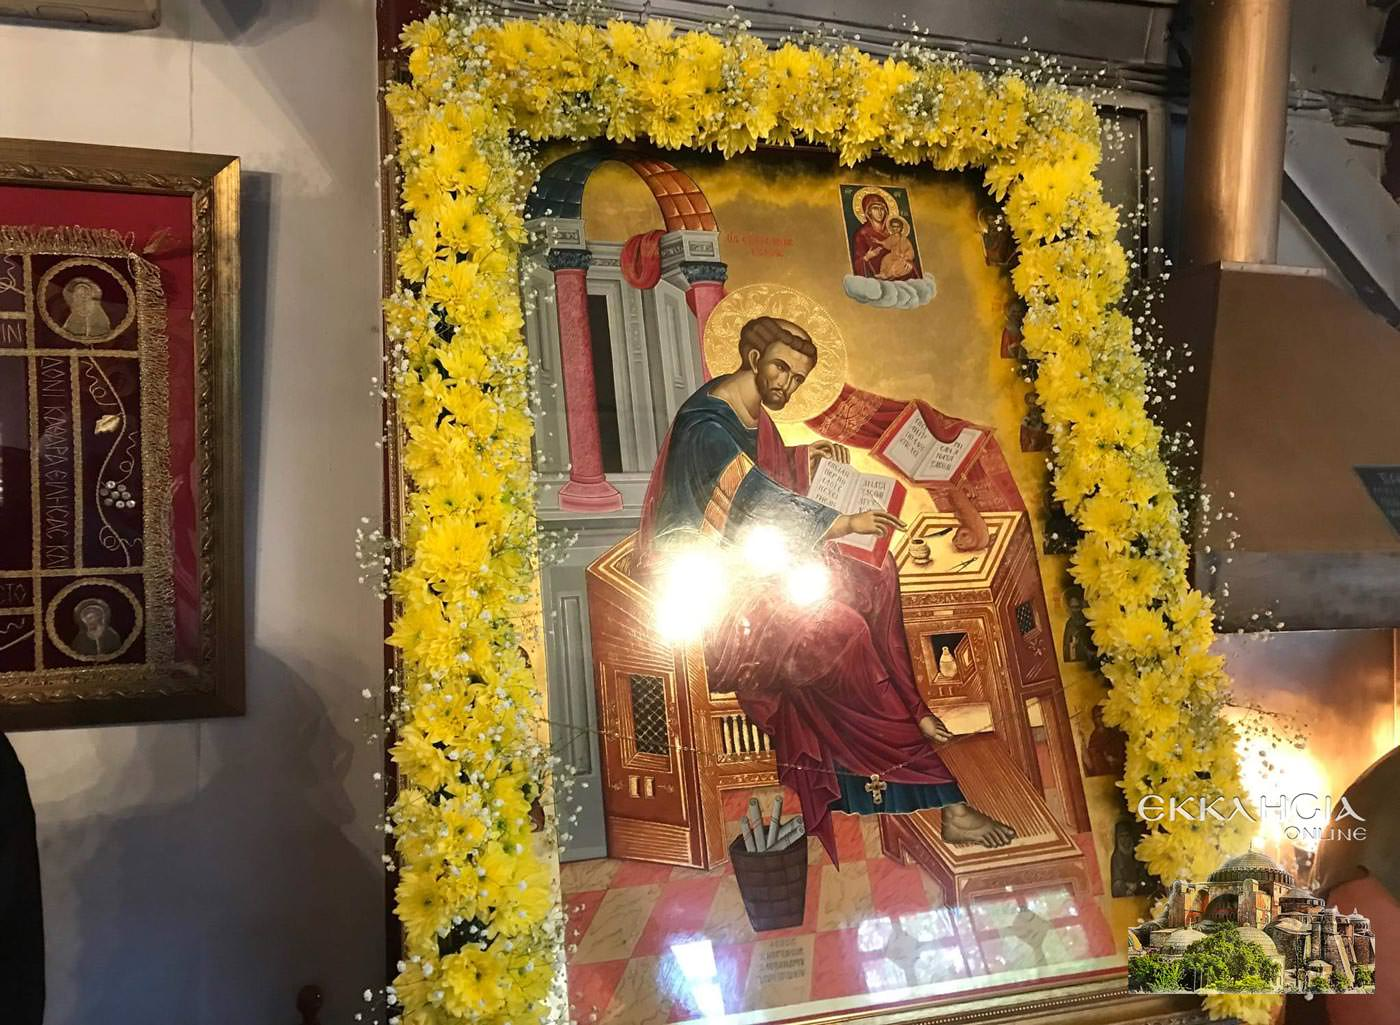 Άγιος Ευαγγελιστής Λουκάς Εικόνα